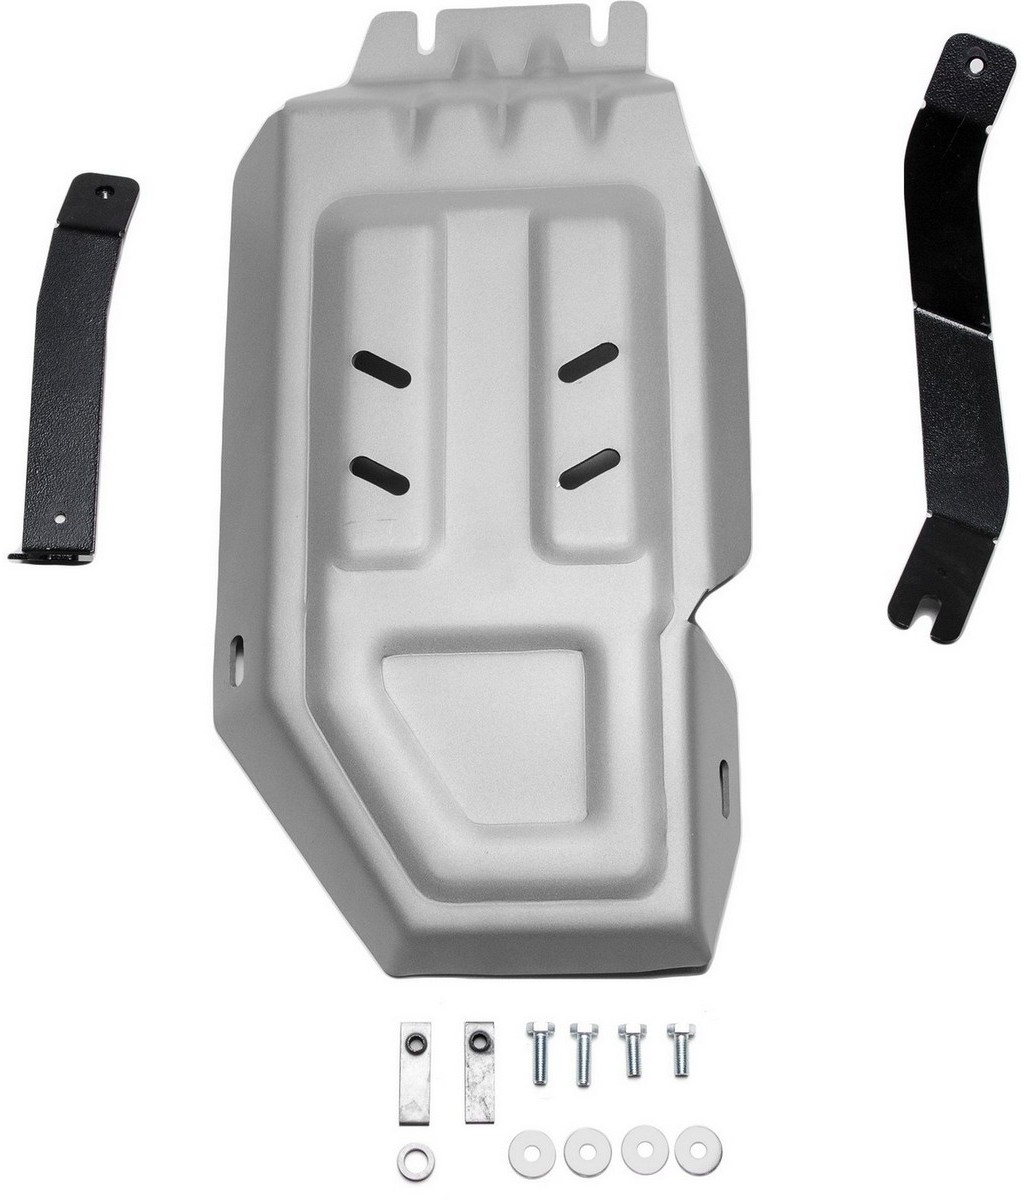 Купить Защита редуктора Rival для Hyundai Tucson 2015- / Kia Sportage 2016-, алюминий 4 мм